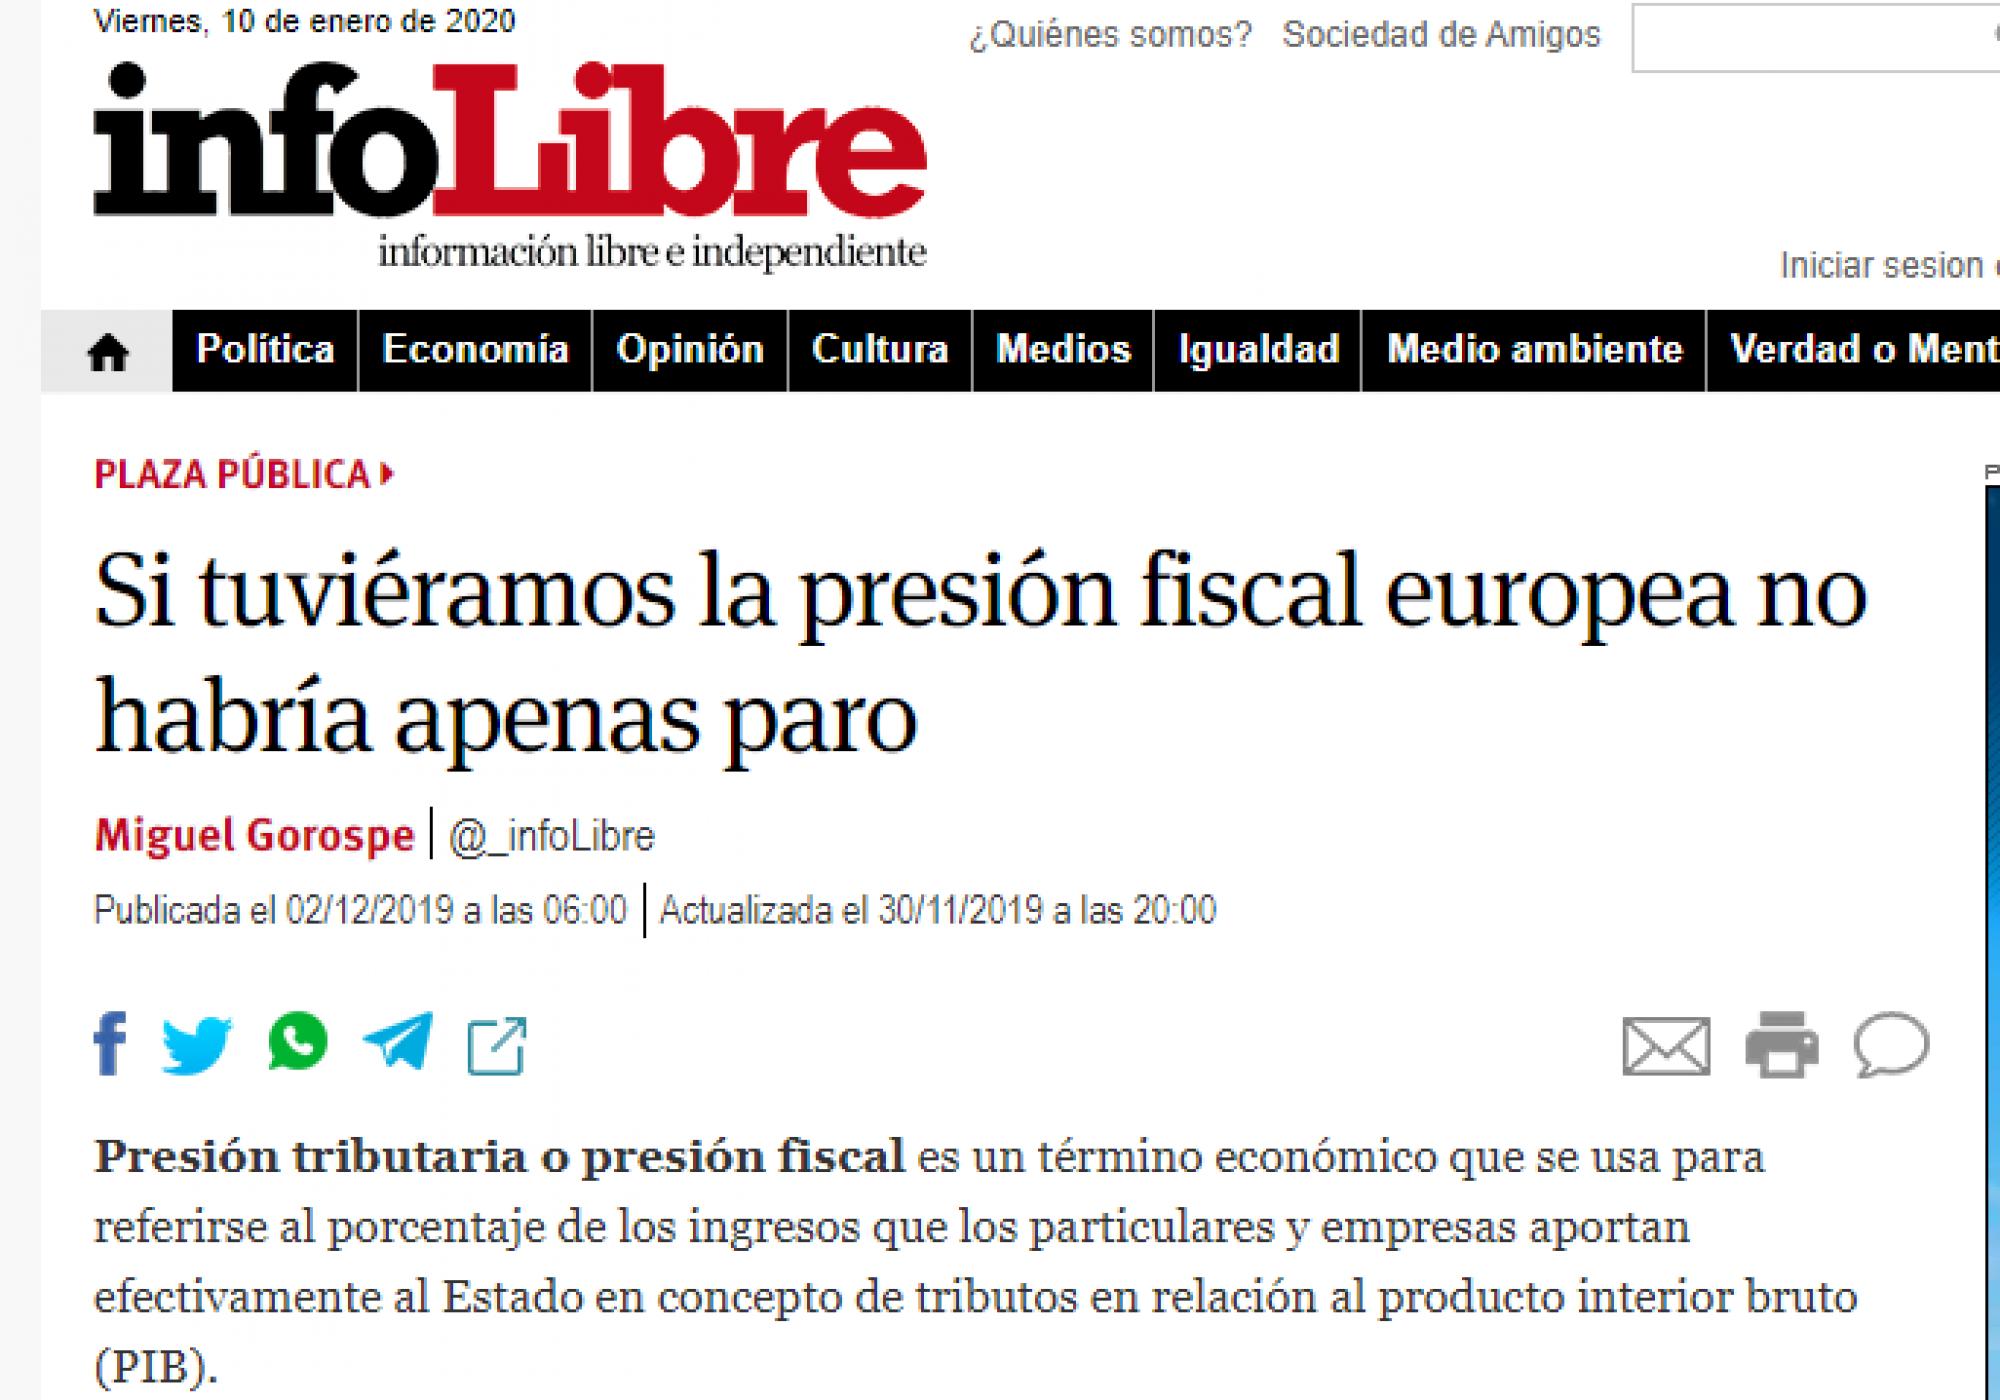 Si tuviéramos la presión fiscal europea no habría apenas paro